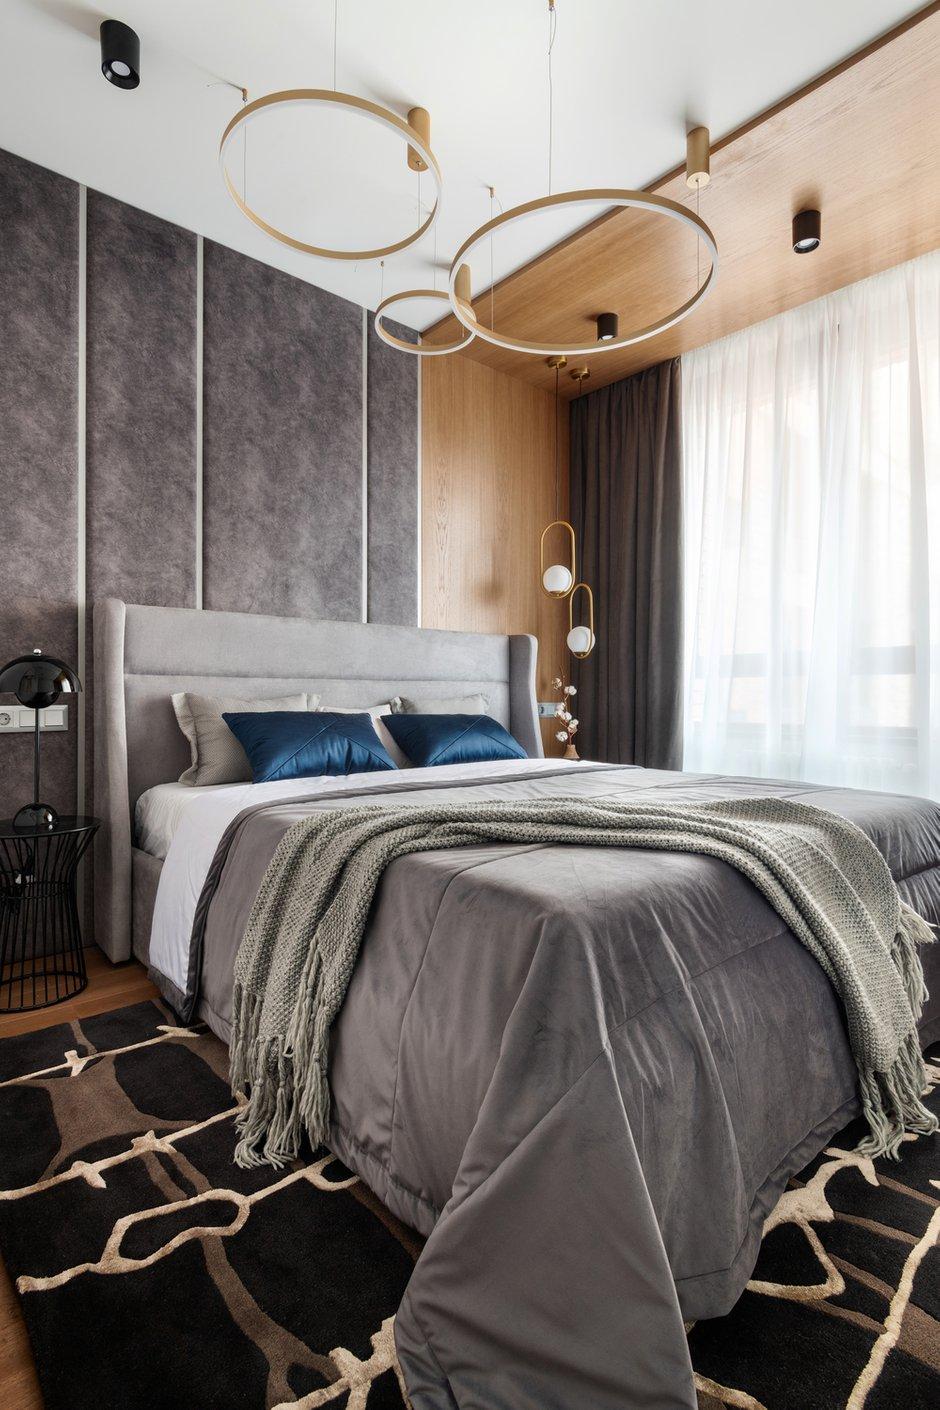 Фотография: Спальня в стиле Современный, Квартира, Проект недели, 2 комнаты, 40-60 метров, Александра Гартке – фото на INMYROOM